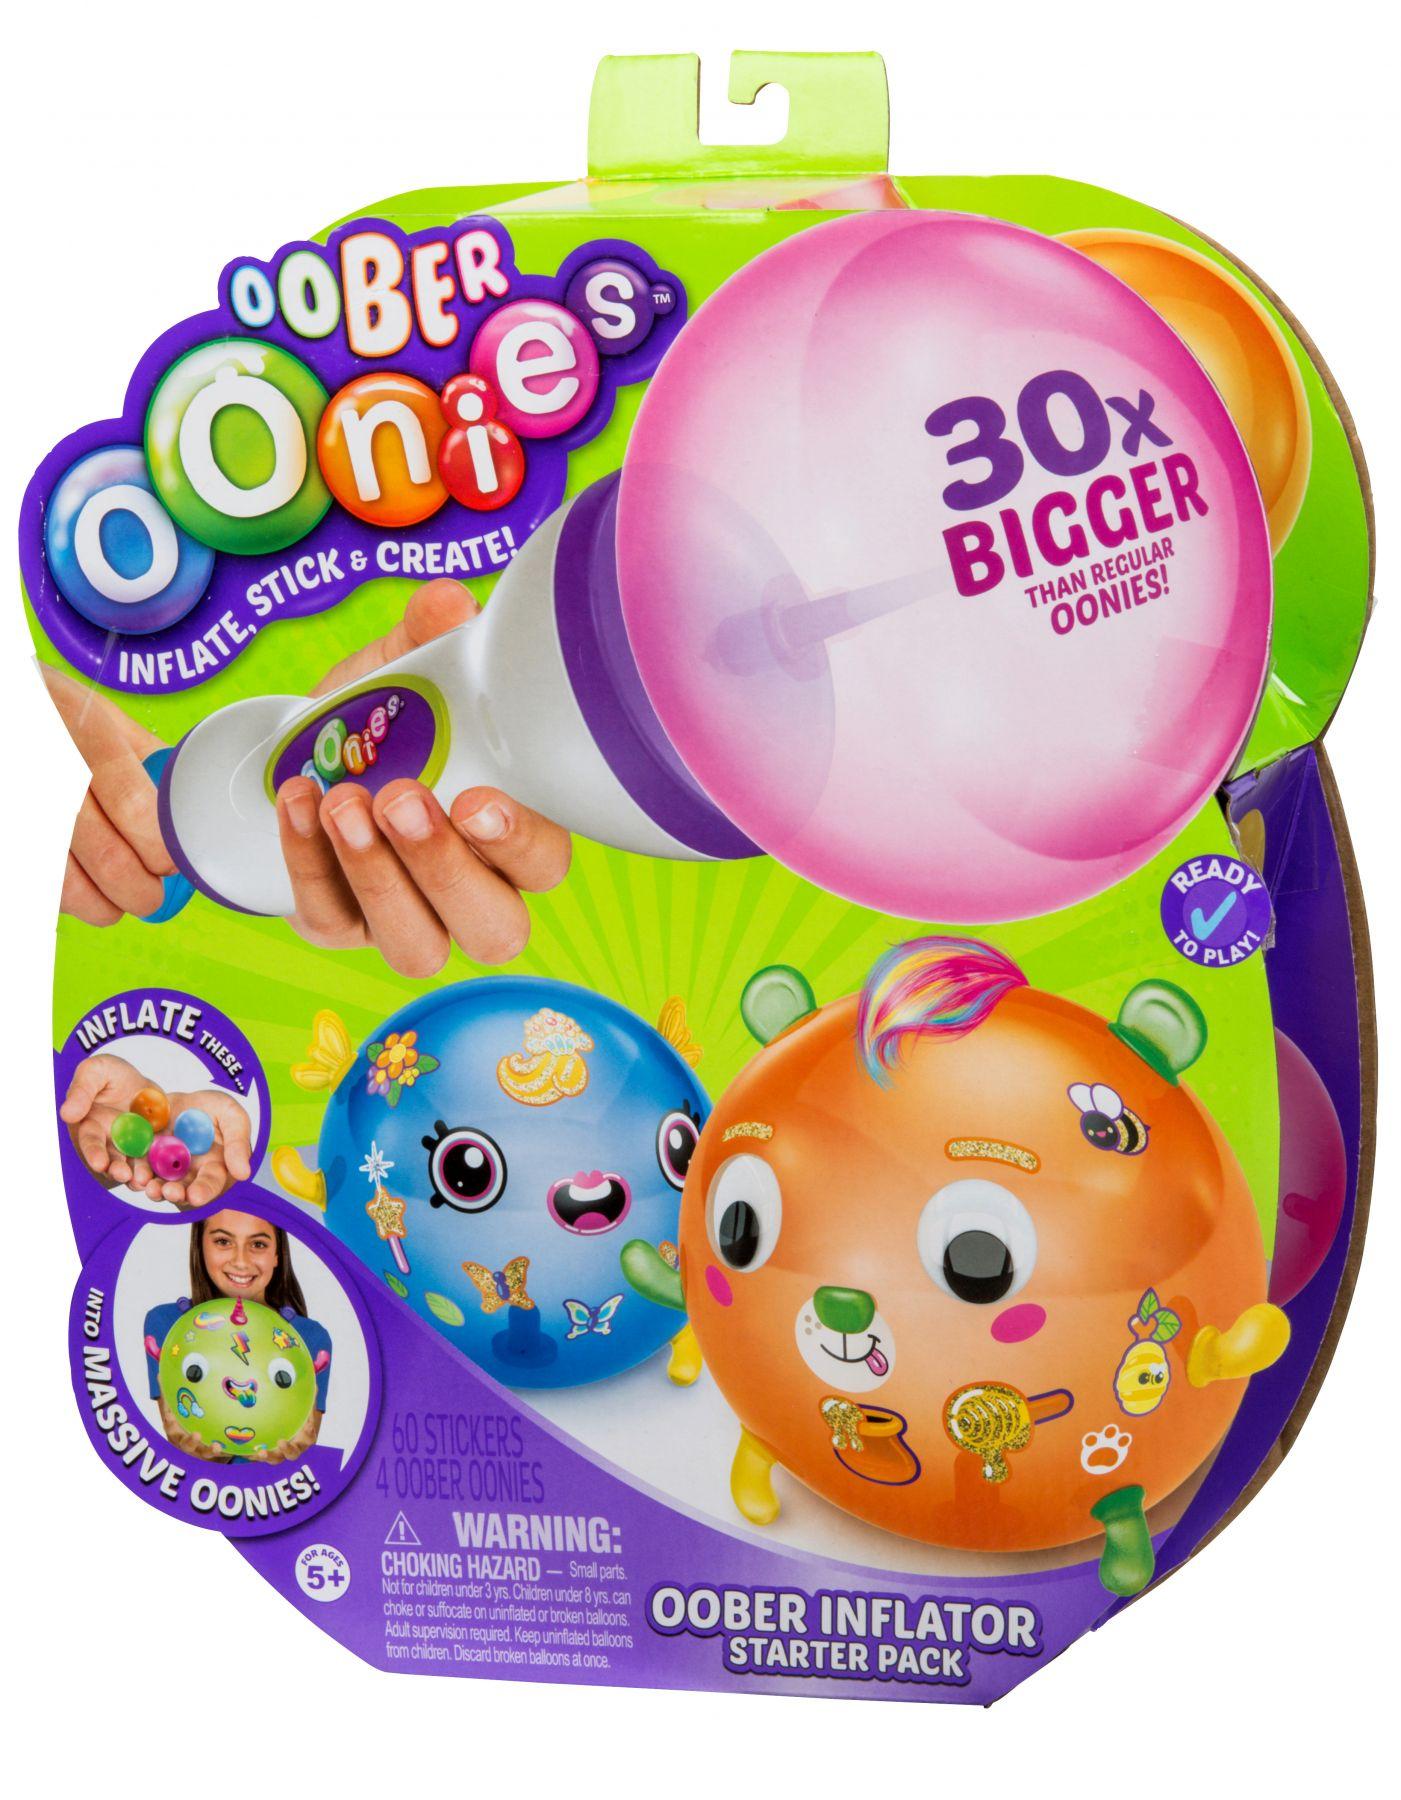 Купить стартовый набор Oober фигуры из шаров недорого с доставкой